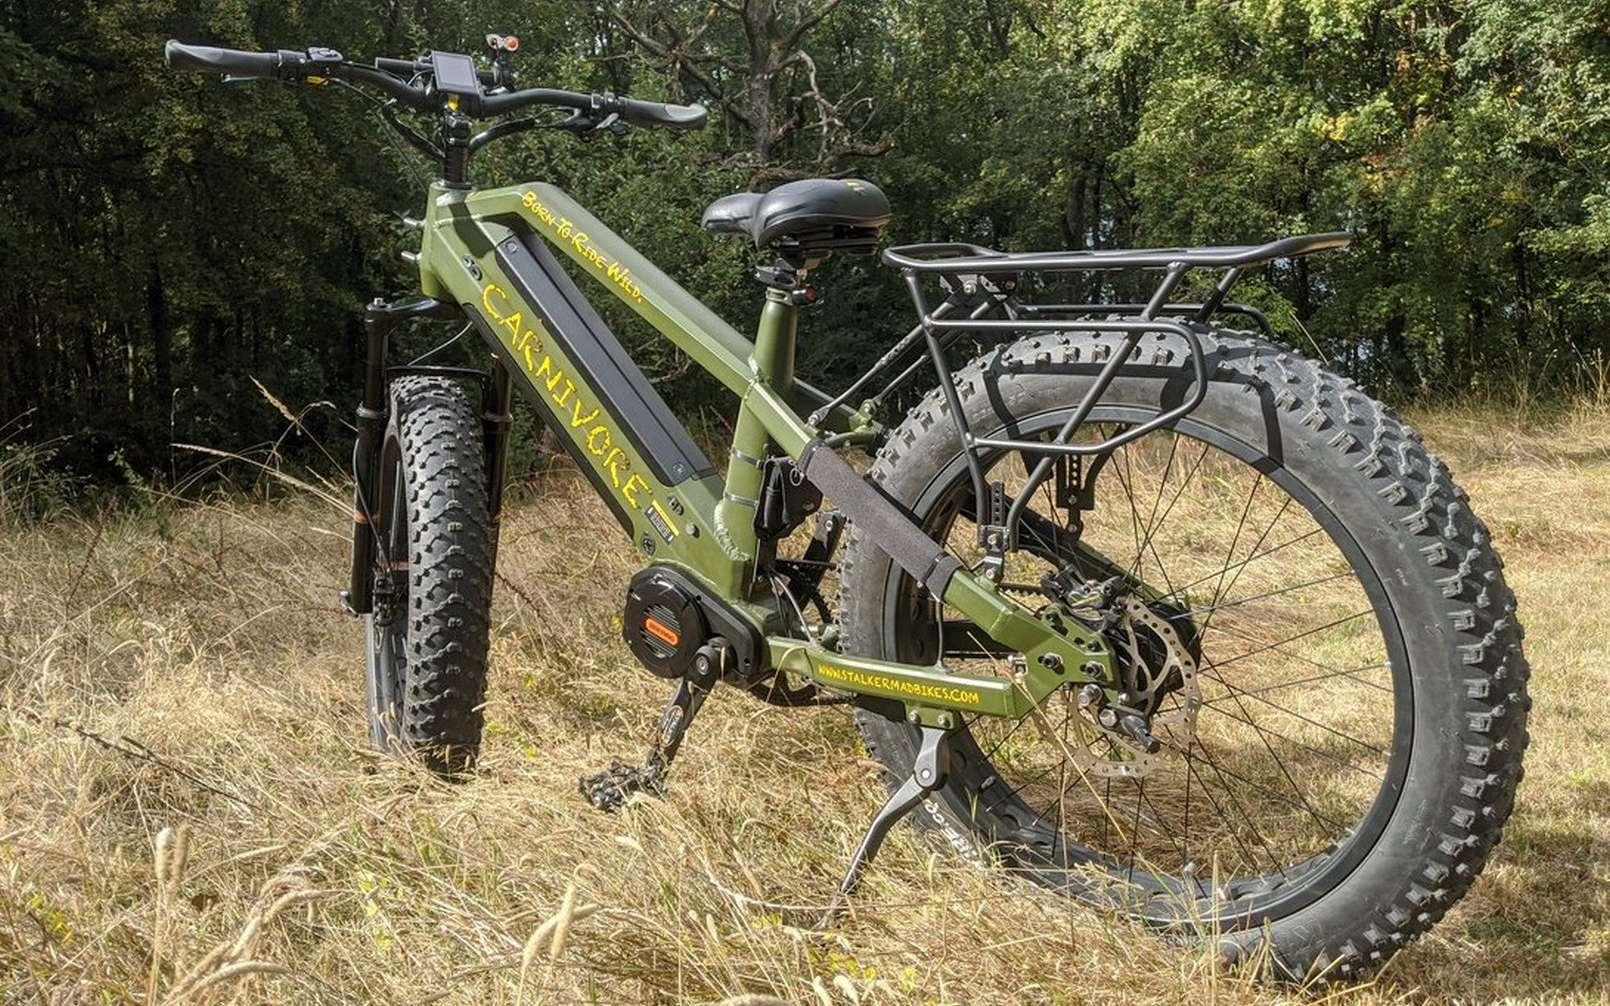 Le Carnivore de Stalker Mad Bike ne fait pas dans la finesse. Et c'est voulu. © Stalker Mad Bike